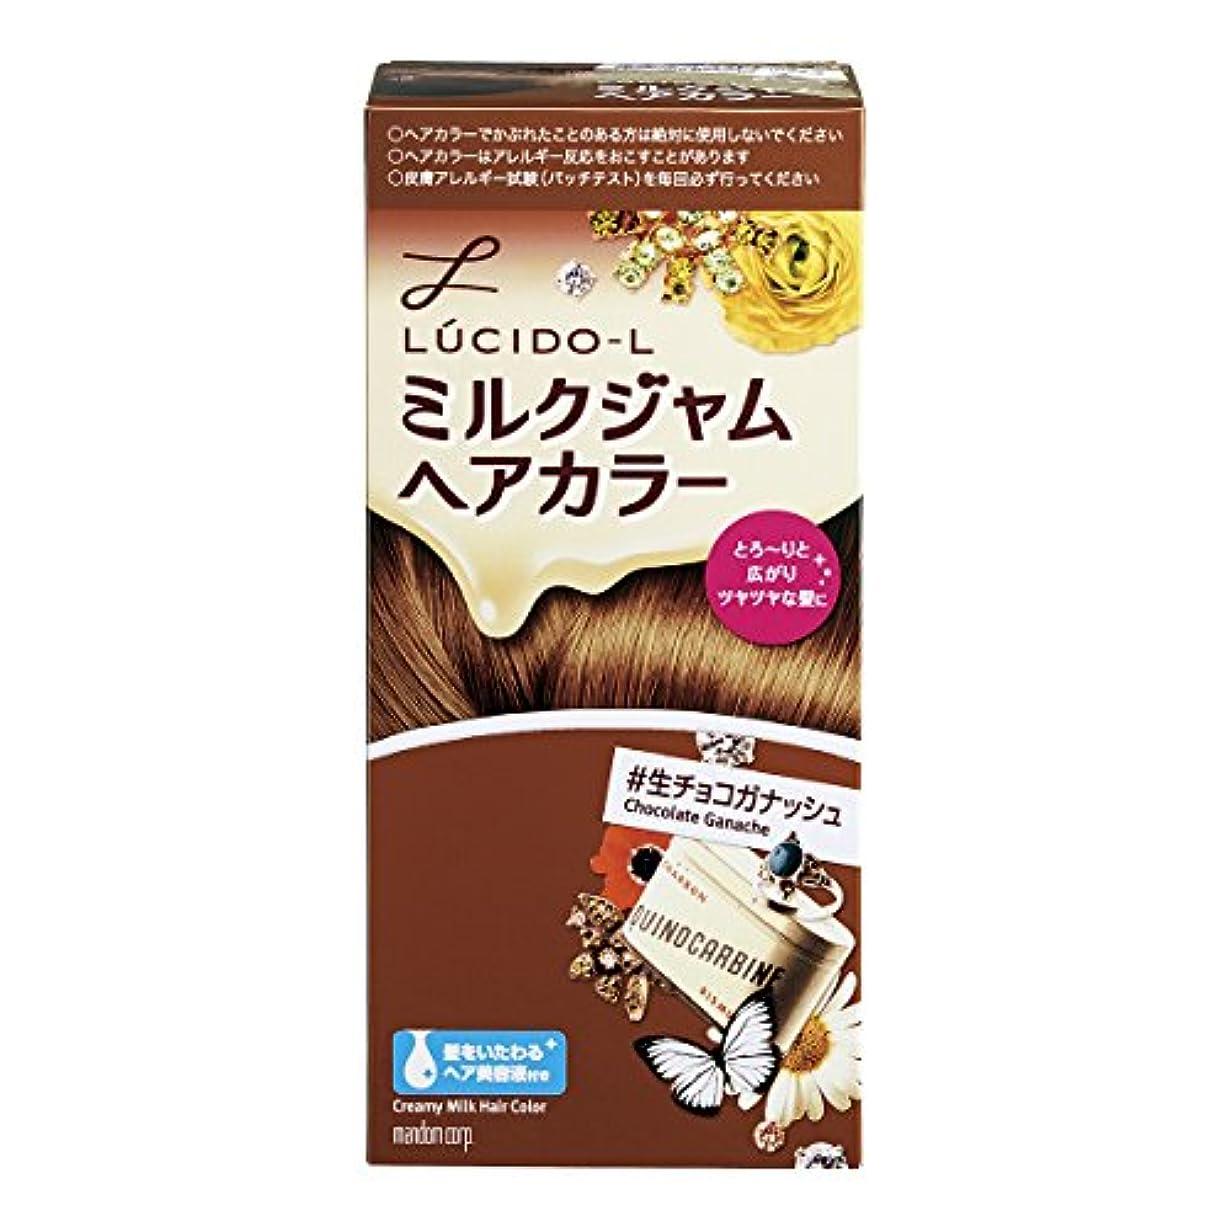 安全スペル蒸し器ルシードエル ミルクジャムヘアカラー #生チョコガナッシュ 40g (医薬部外品)